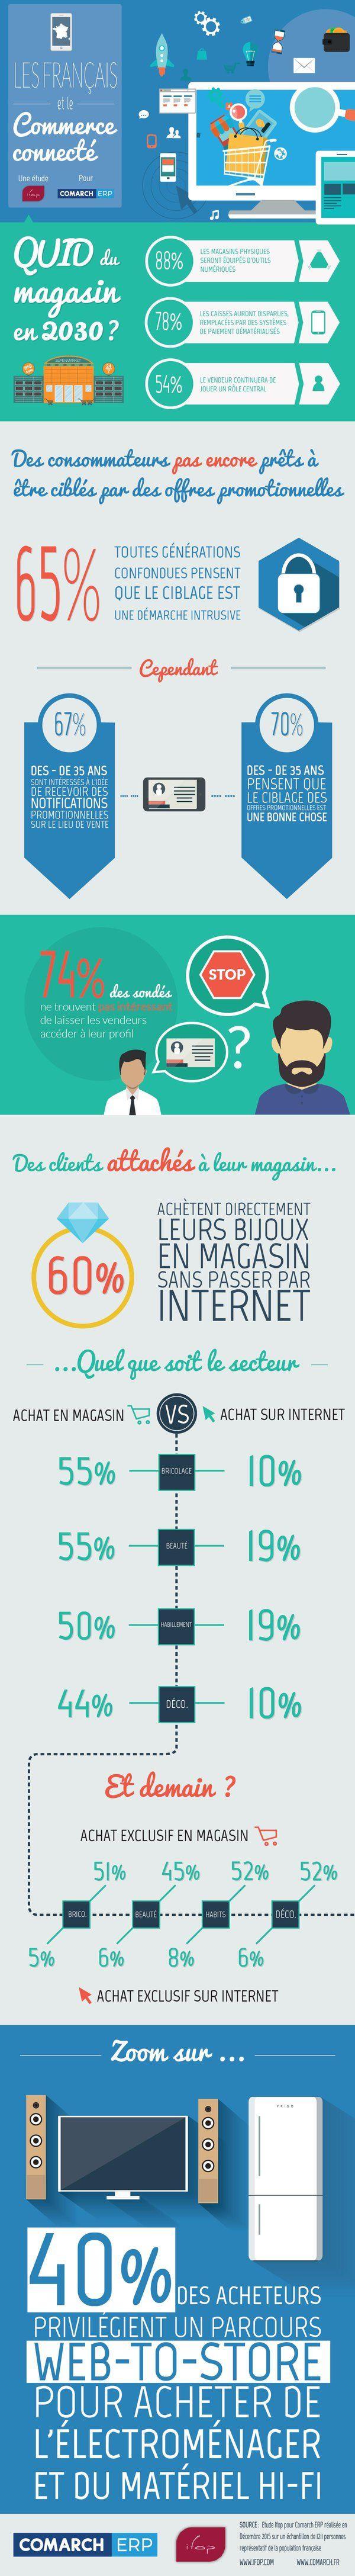 #Infographie #Retail : Que pensent les Français des magasins connectés ? - JDN